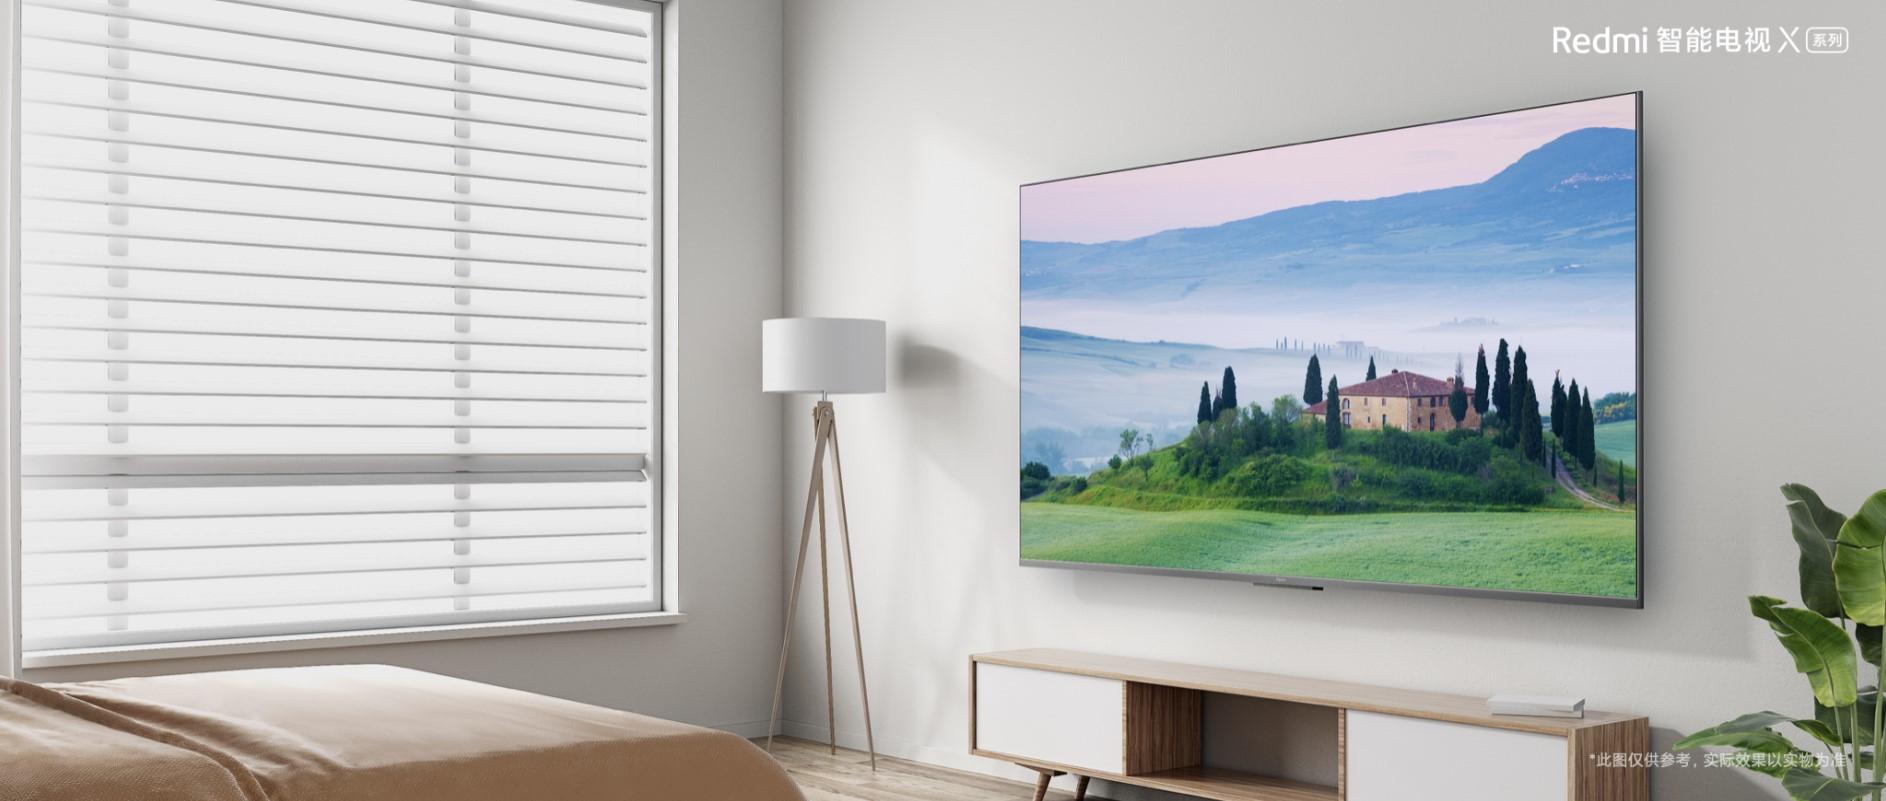 年轻人的轻旗舰 Redmi智能电视X系列发布 65英寸到手2999元